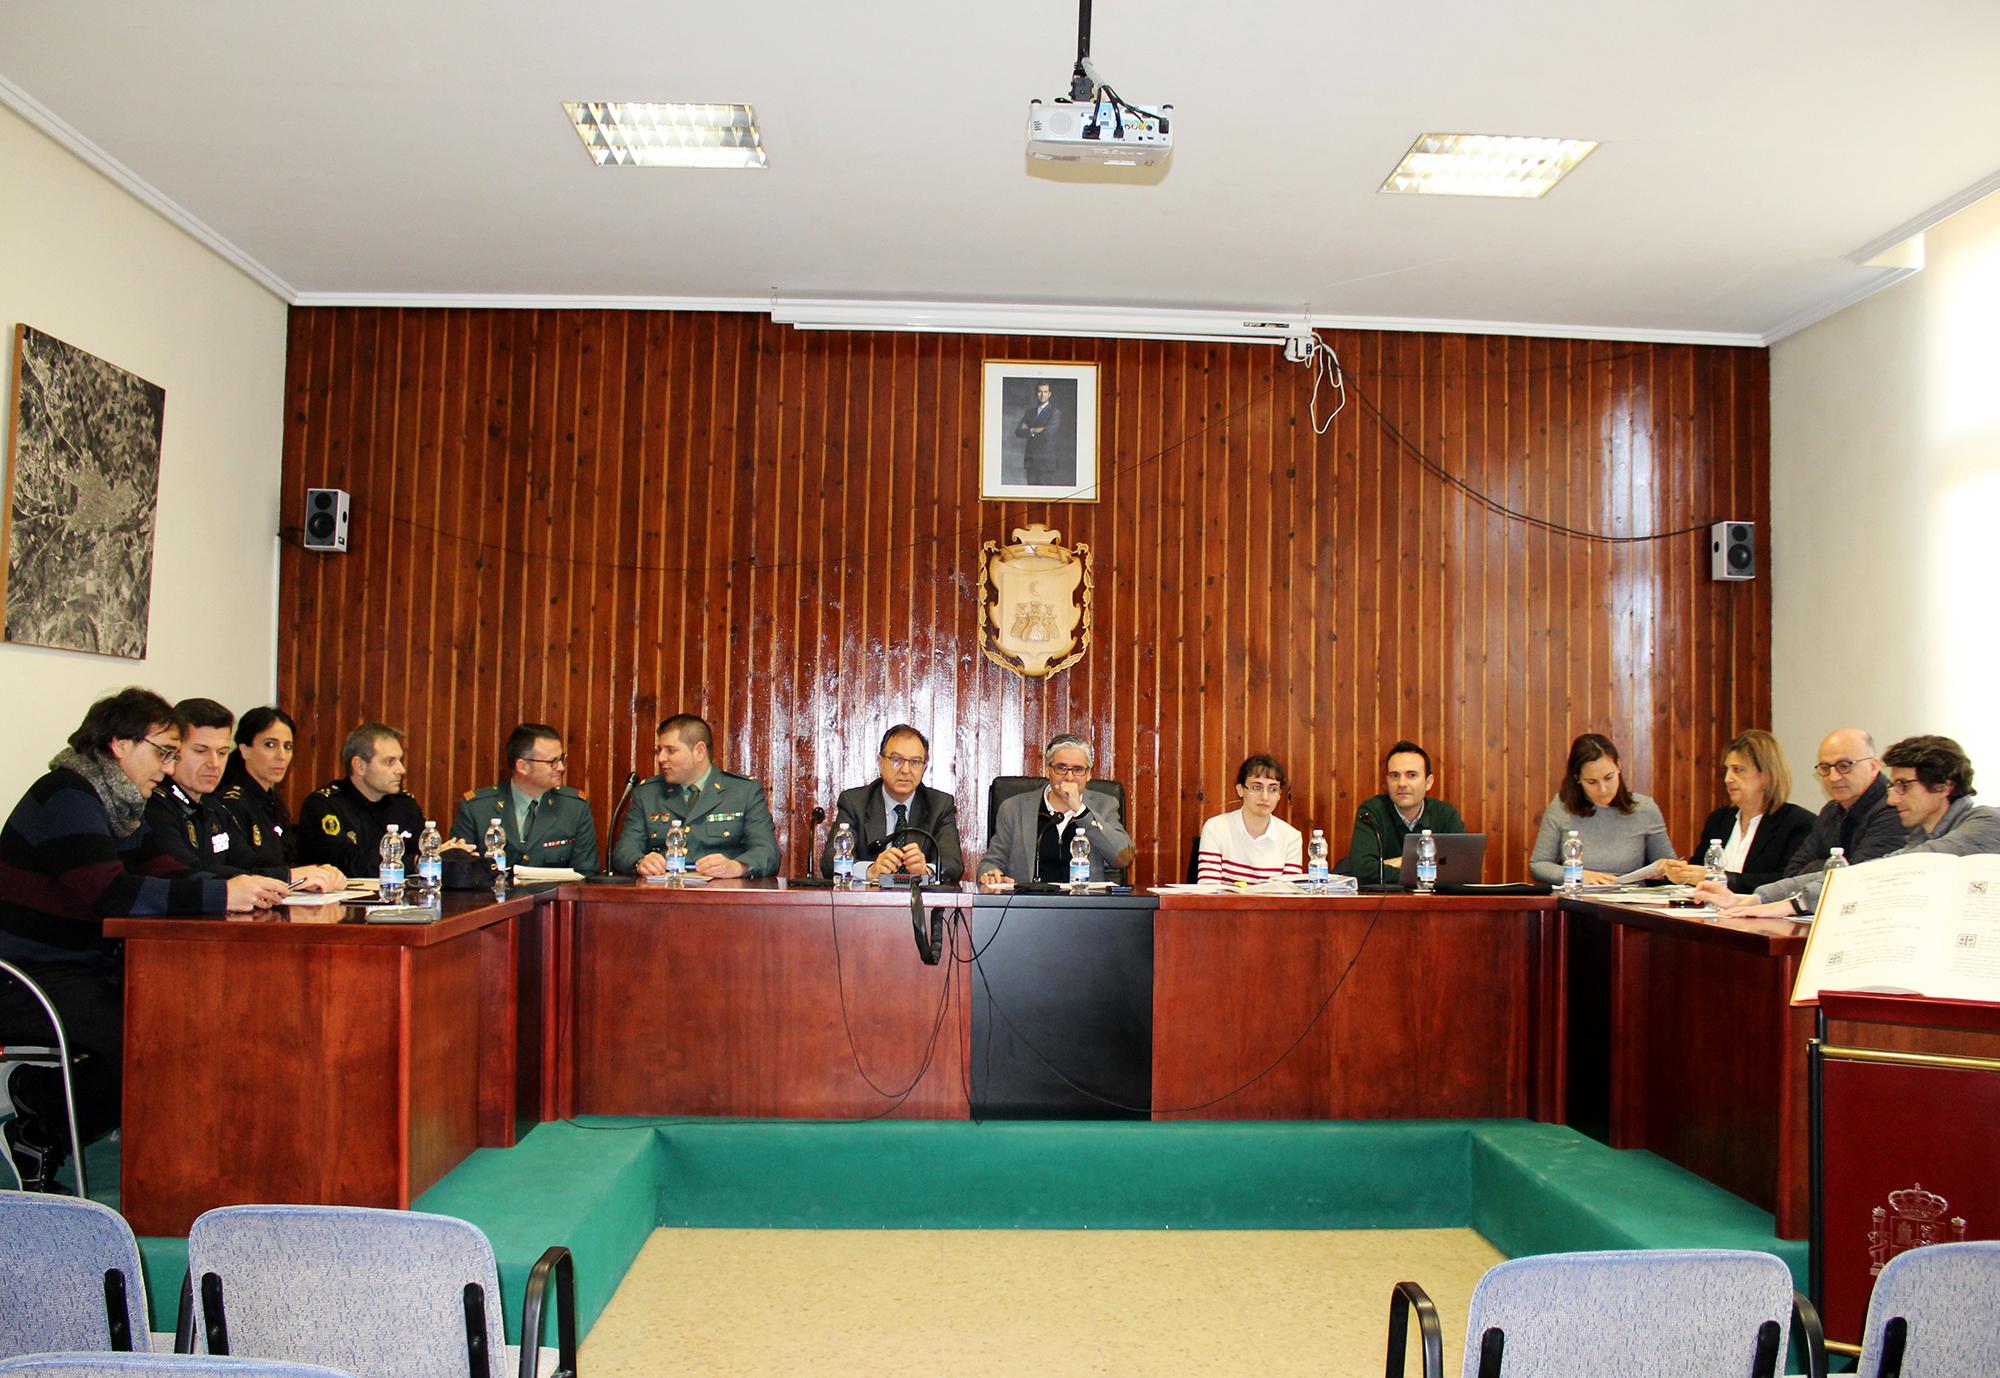 Junta Local de Seguretat de Vilamarxant al Saló de Plens de l'Ajuntament.